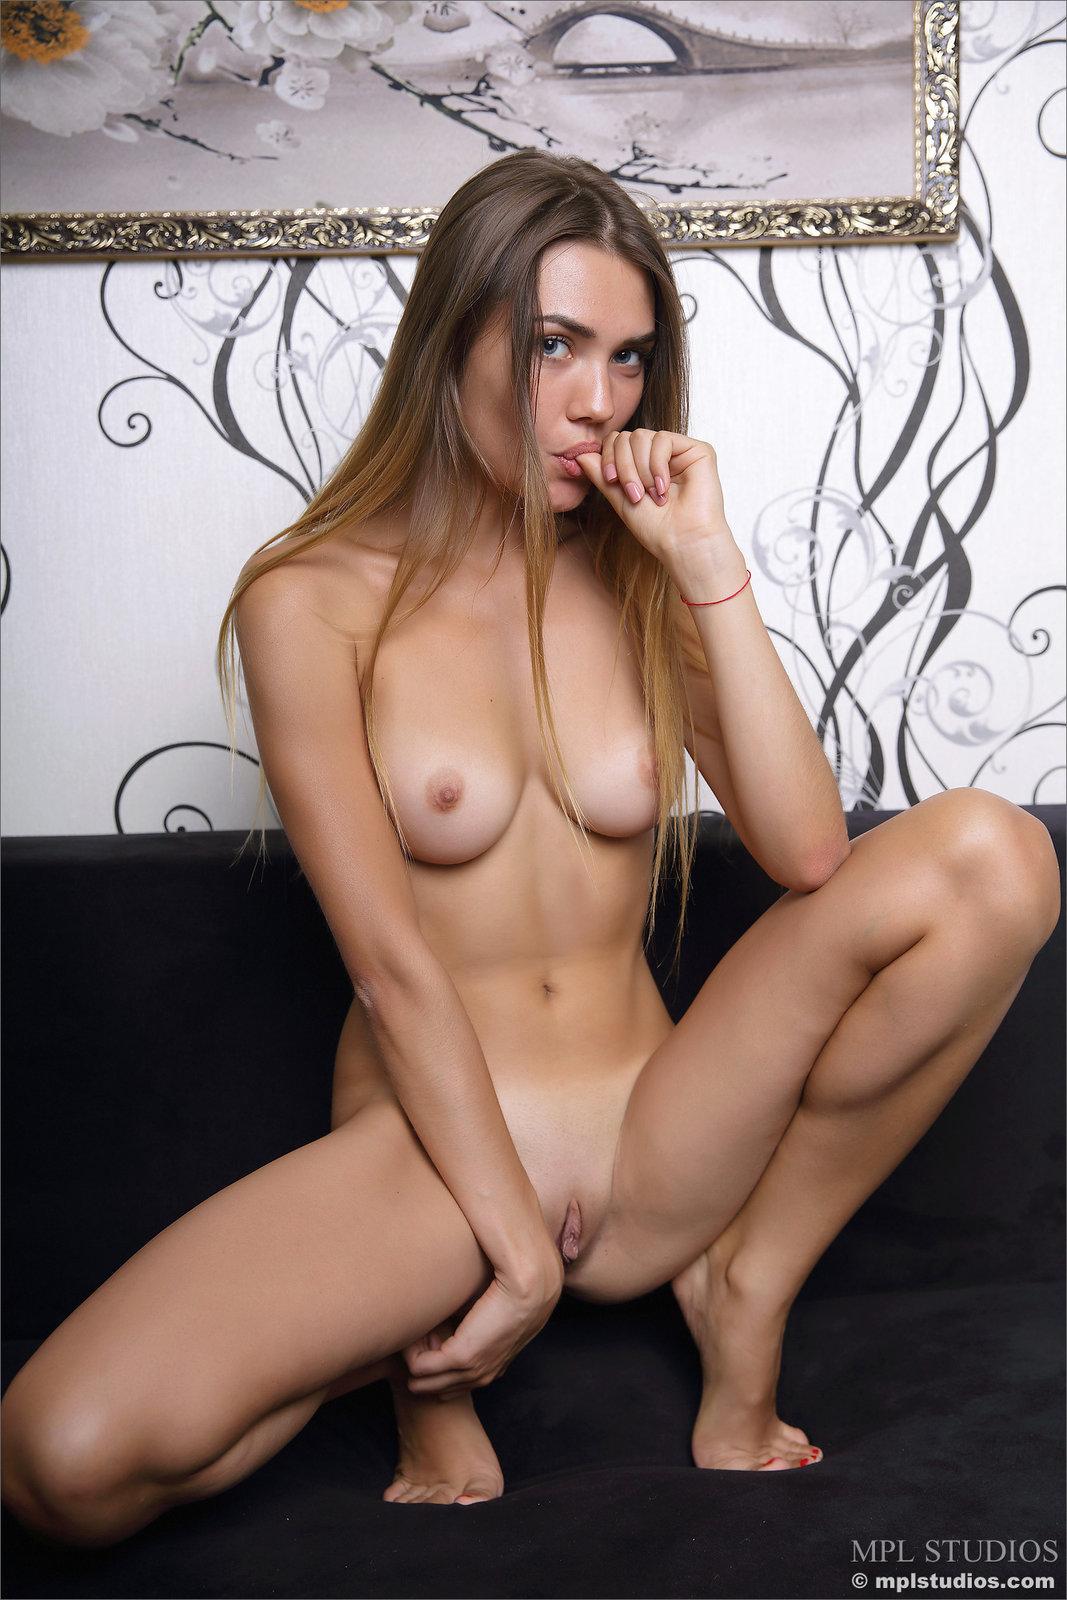 Zdjęcie porno - 1011 - Słodka palcówka